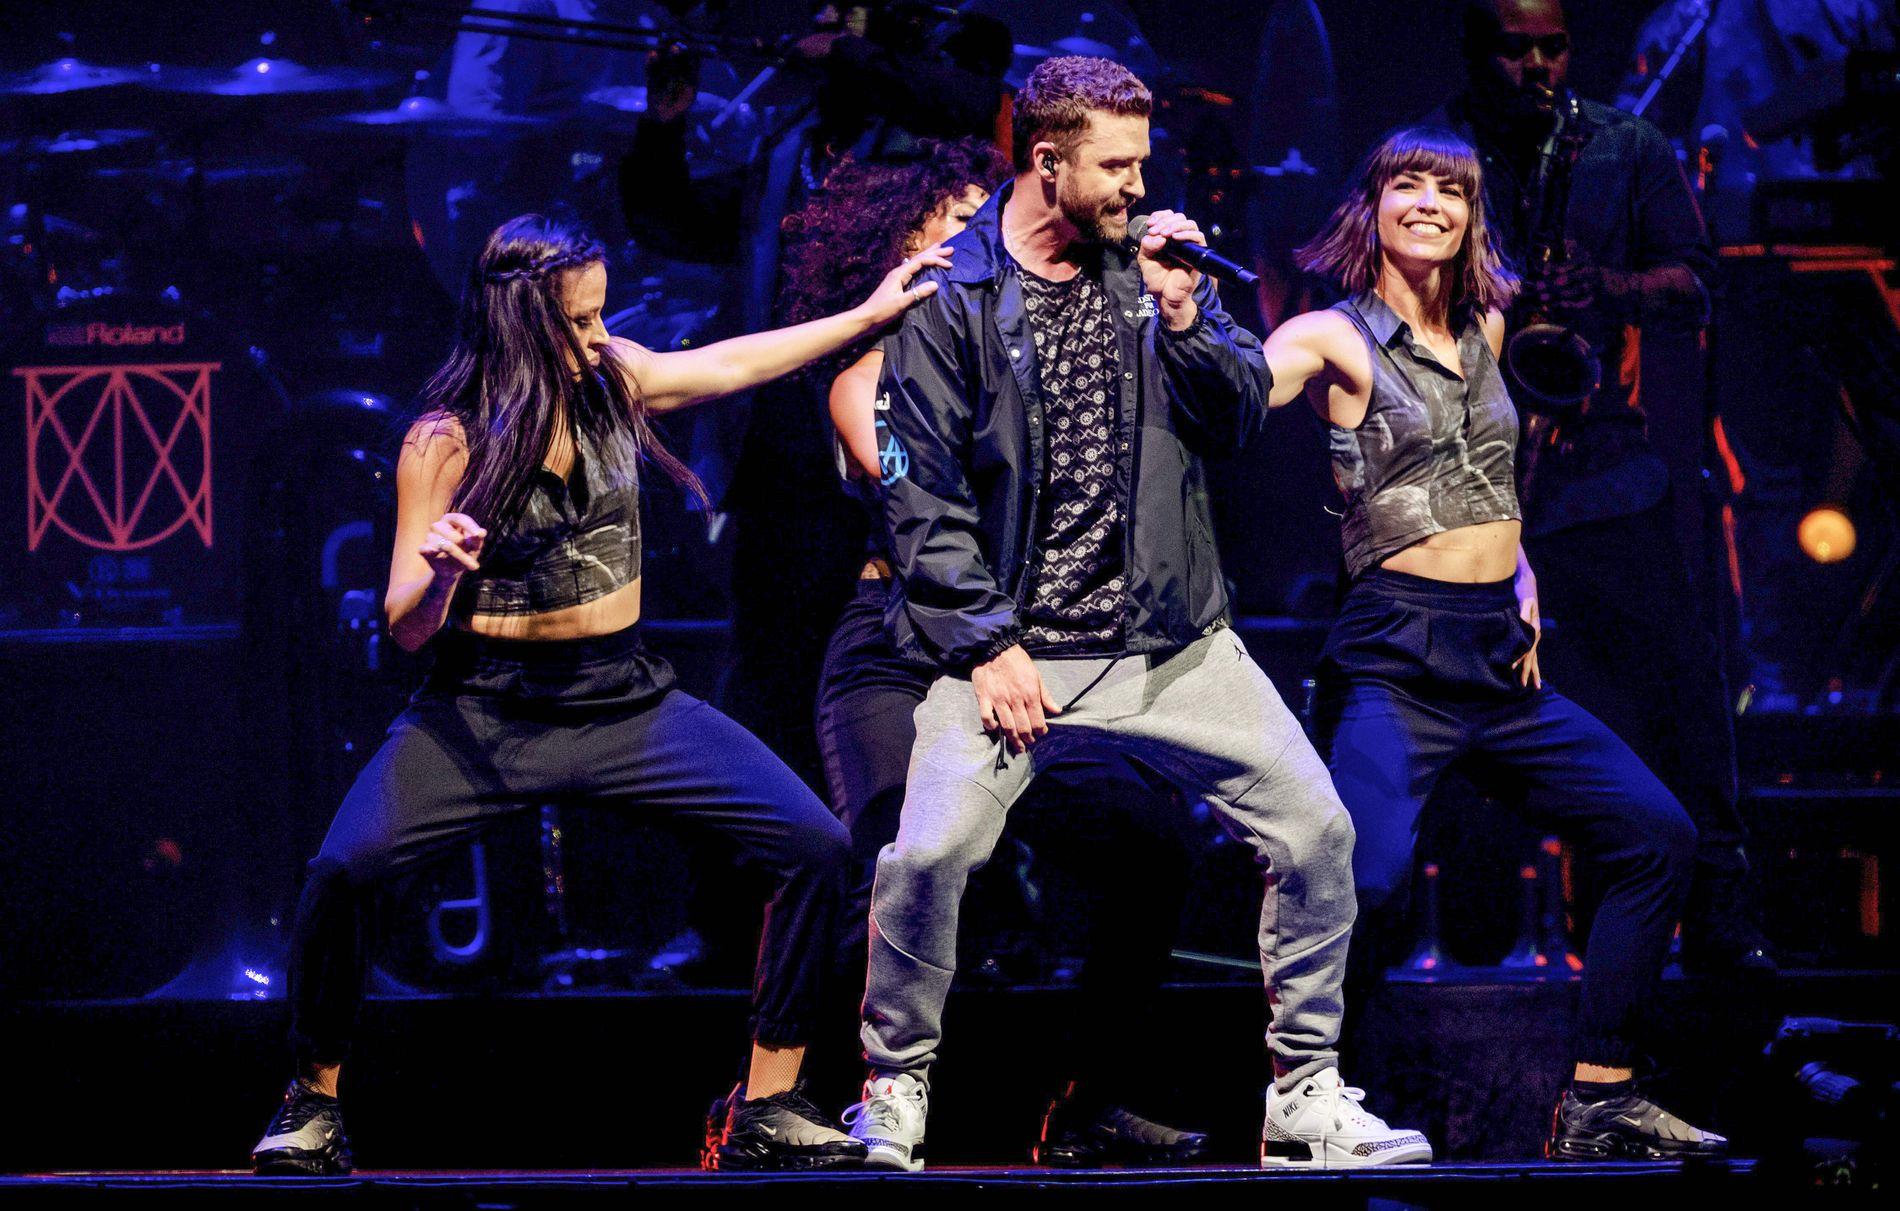 OPPTRER: Justin Timberlake på konserten i Amsterdam 15. juli.